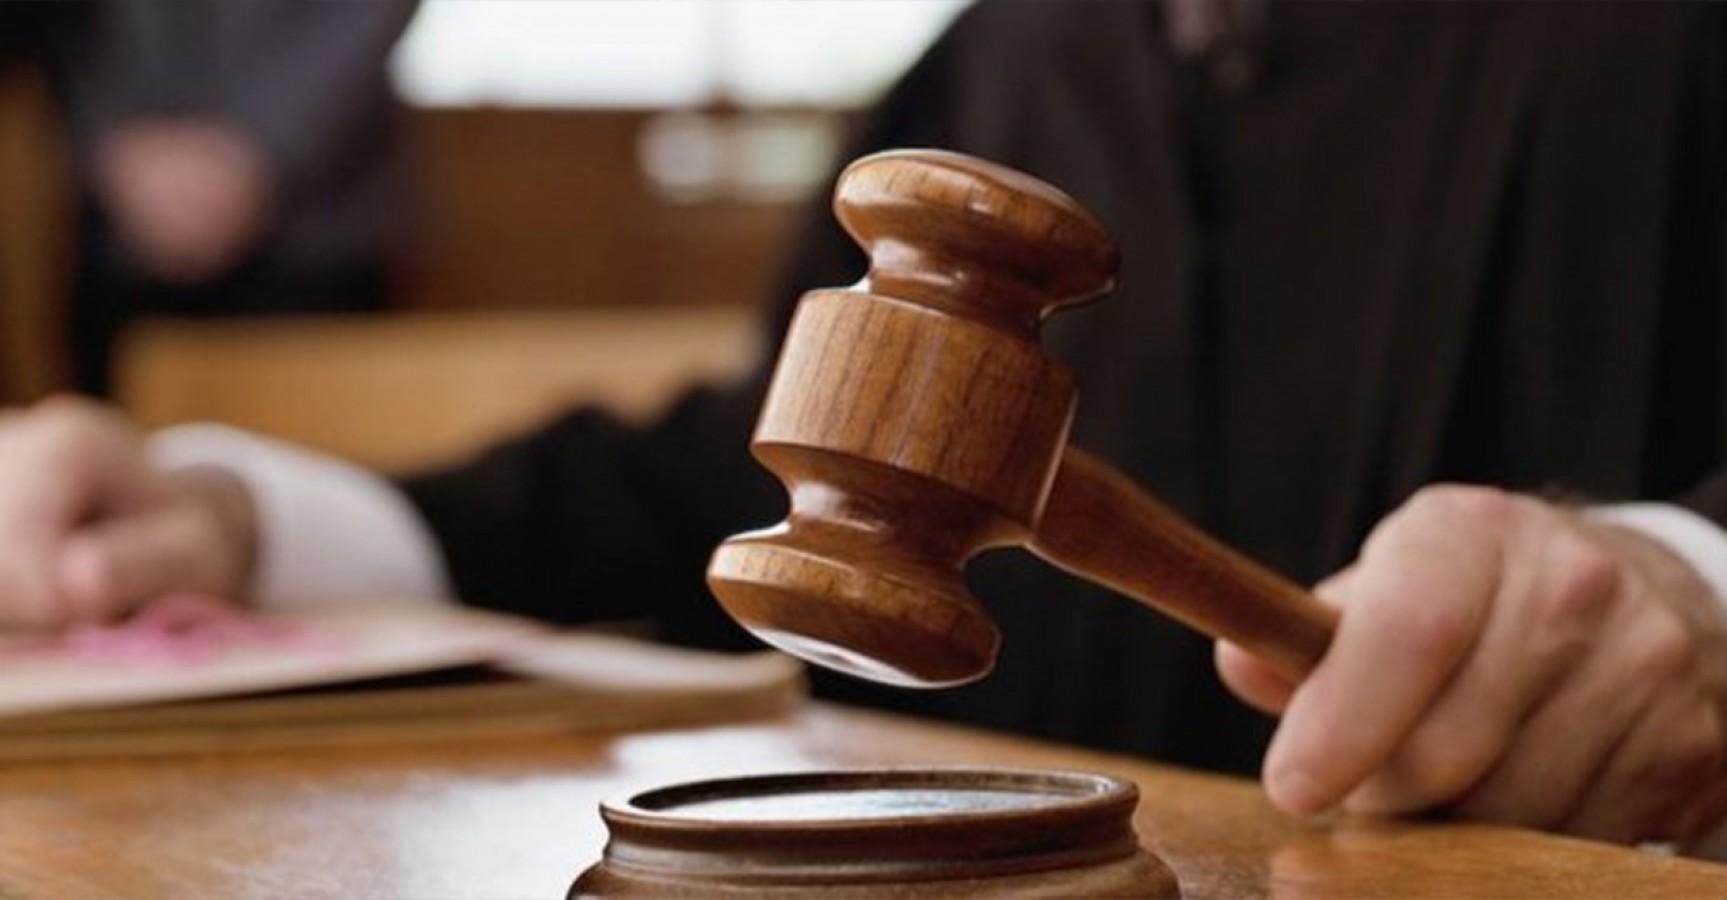 Suruç'ta 3 kardeşin ölümüne karışan sanıklara ceza yağdı!